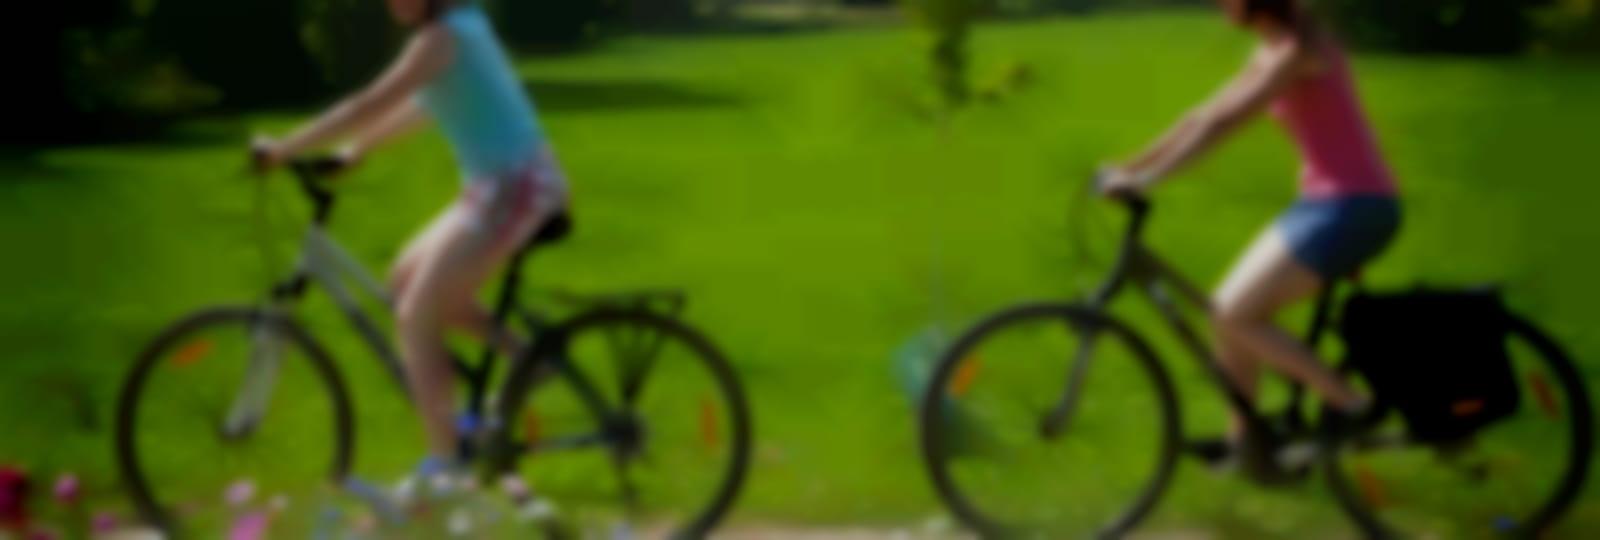 Location de vélos - Orgères-en-Beauce